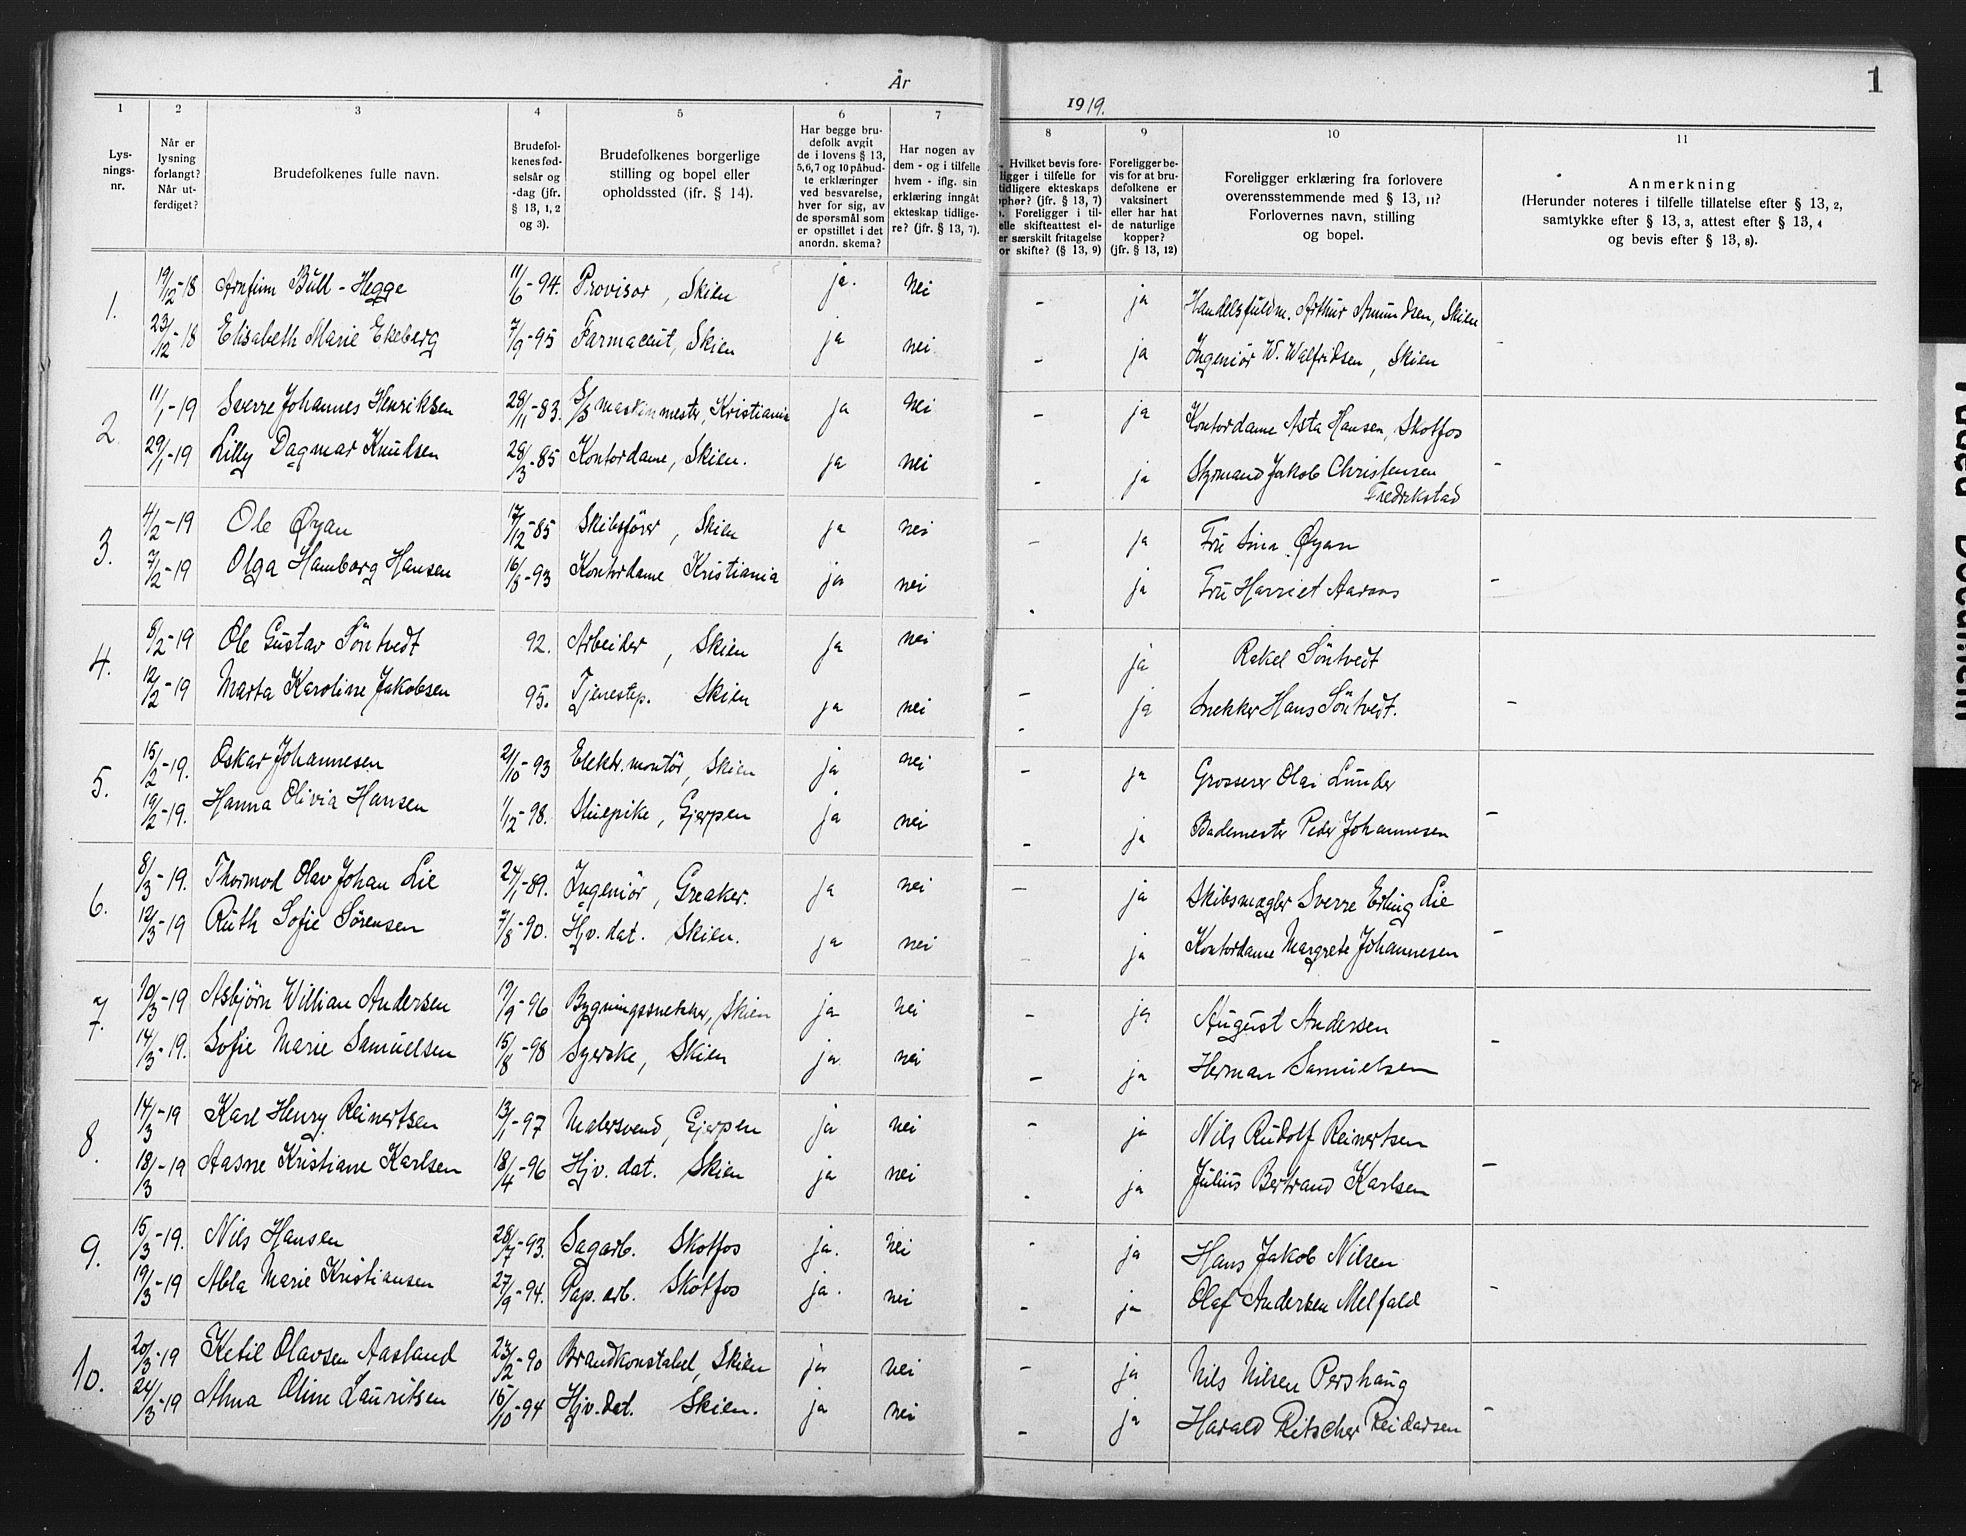 SAKO, Skien kirkebøker, H/Ha/L0001: Lysningsprotokoll nr. 1, 1919-1929, s. 1